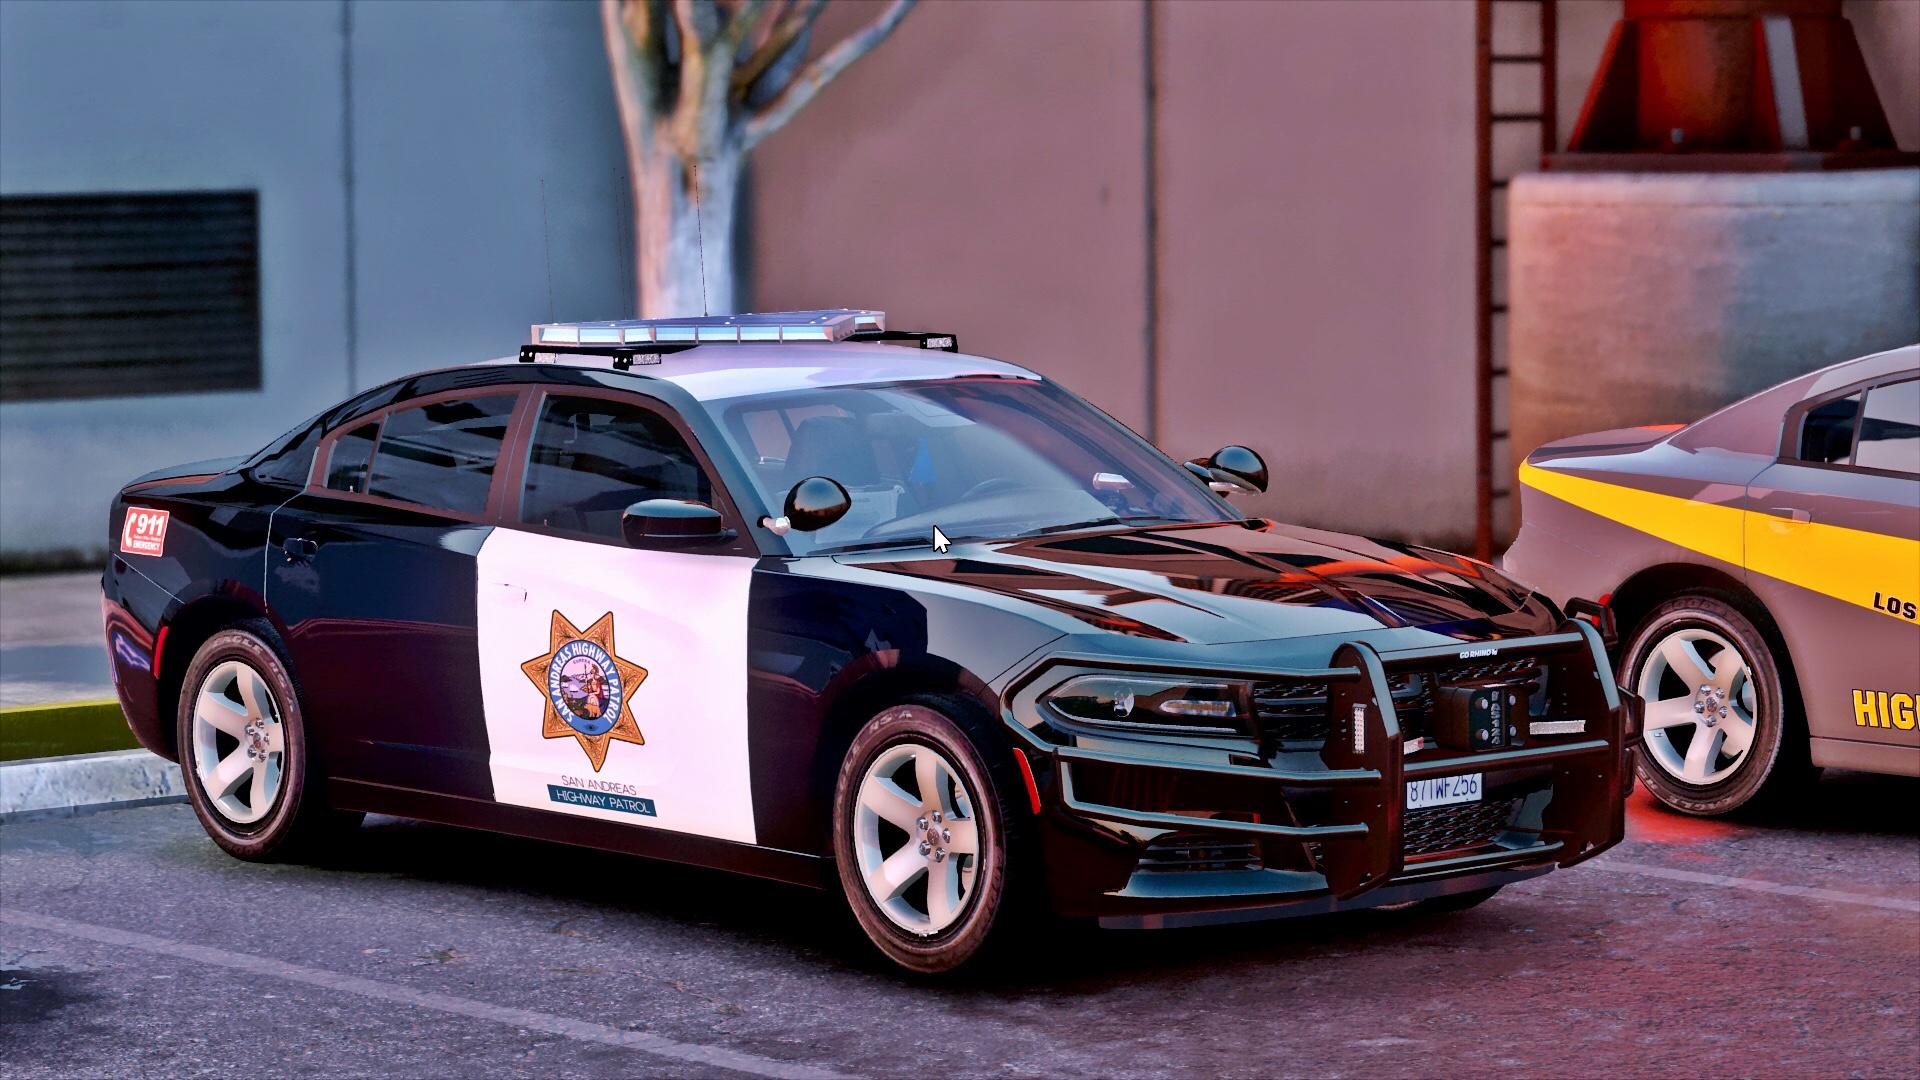 Los Santos Police Highway Patrol Charger [ELS] - GTA5-Mods.com